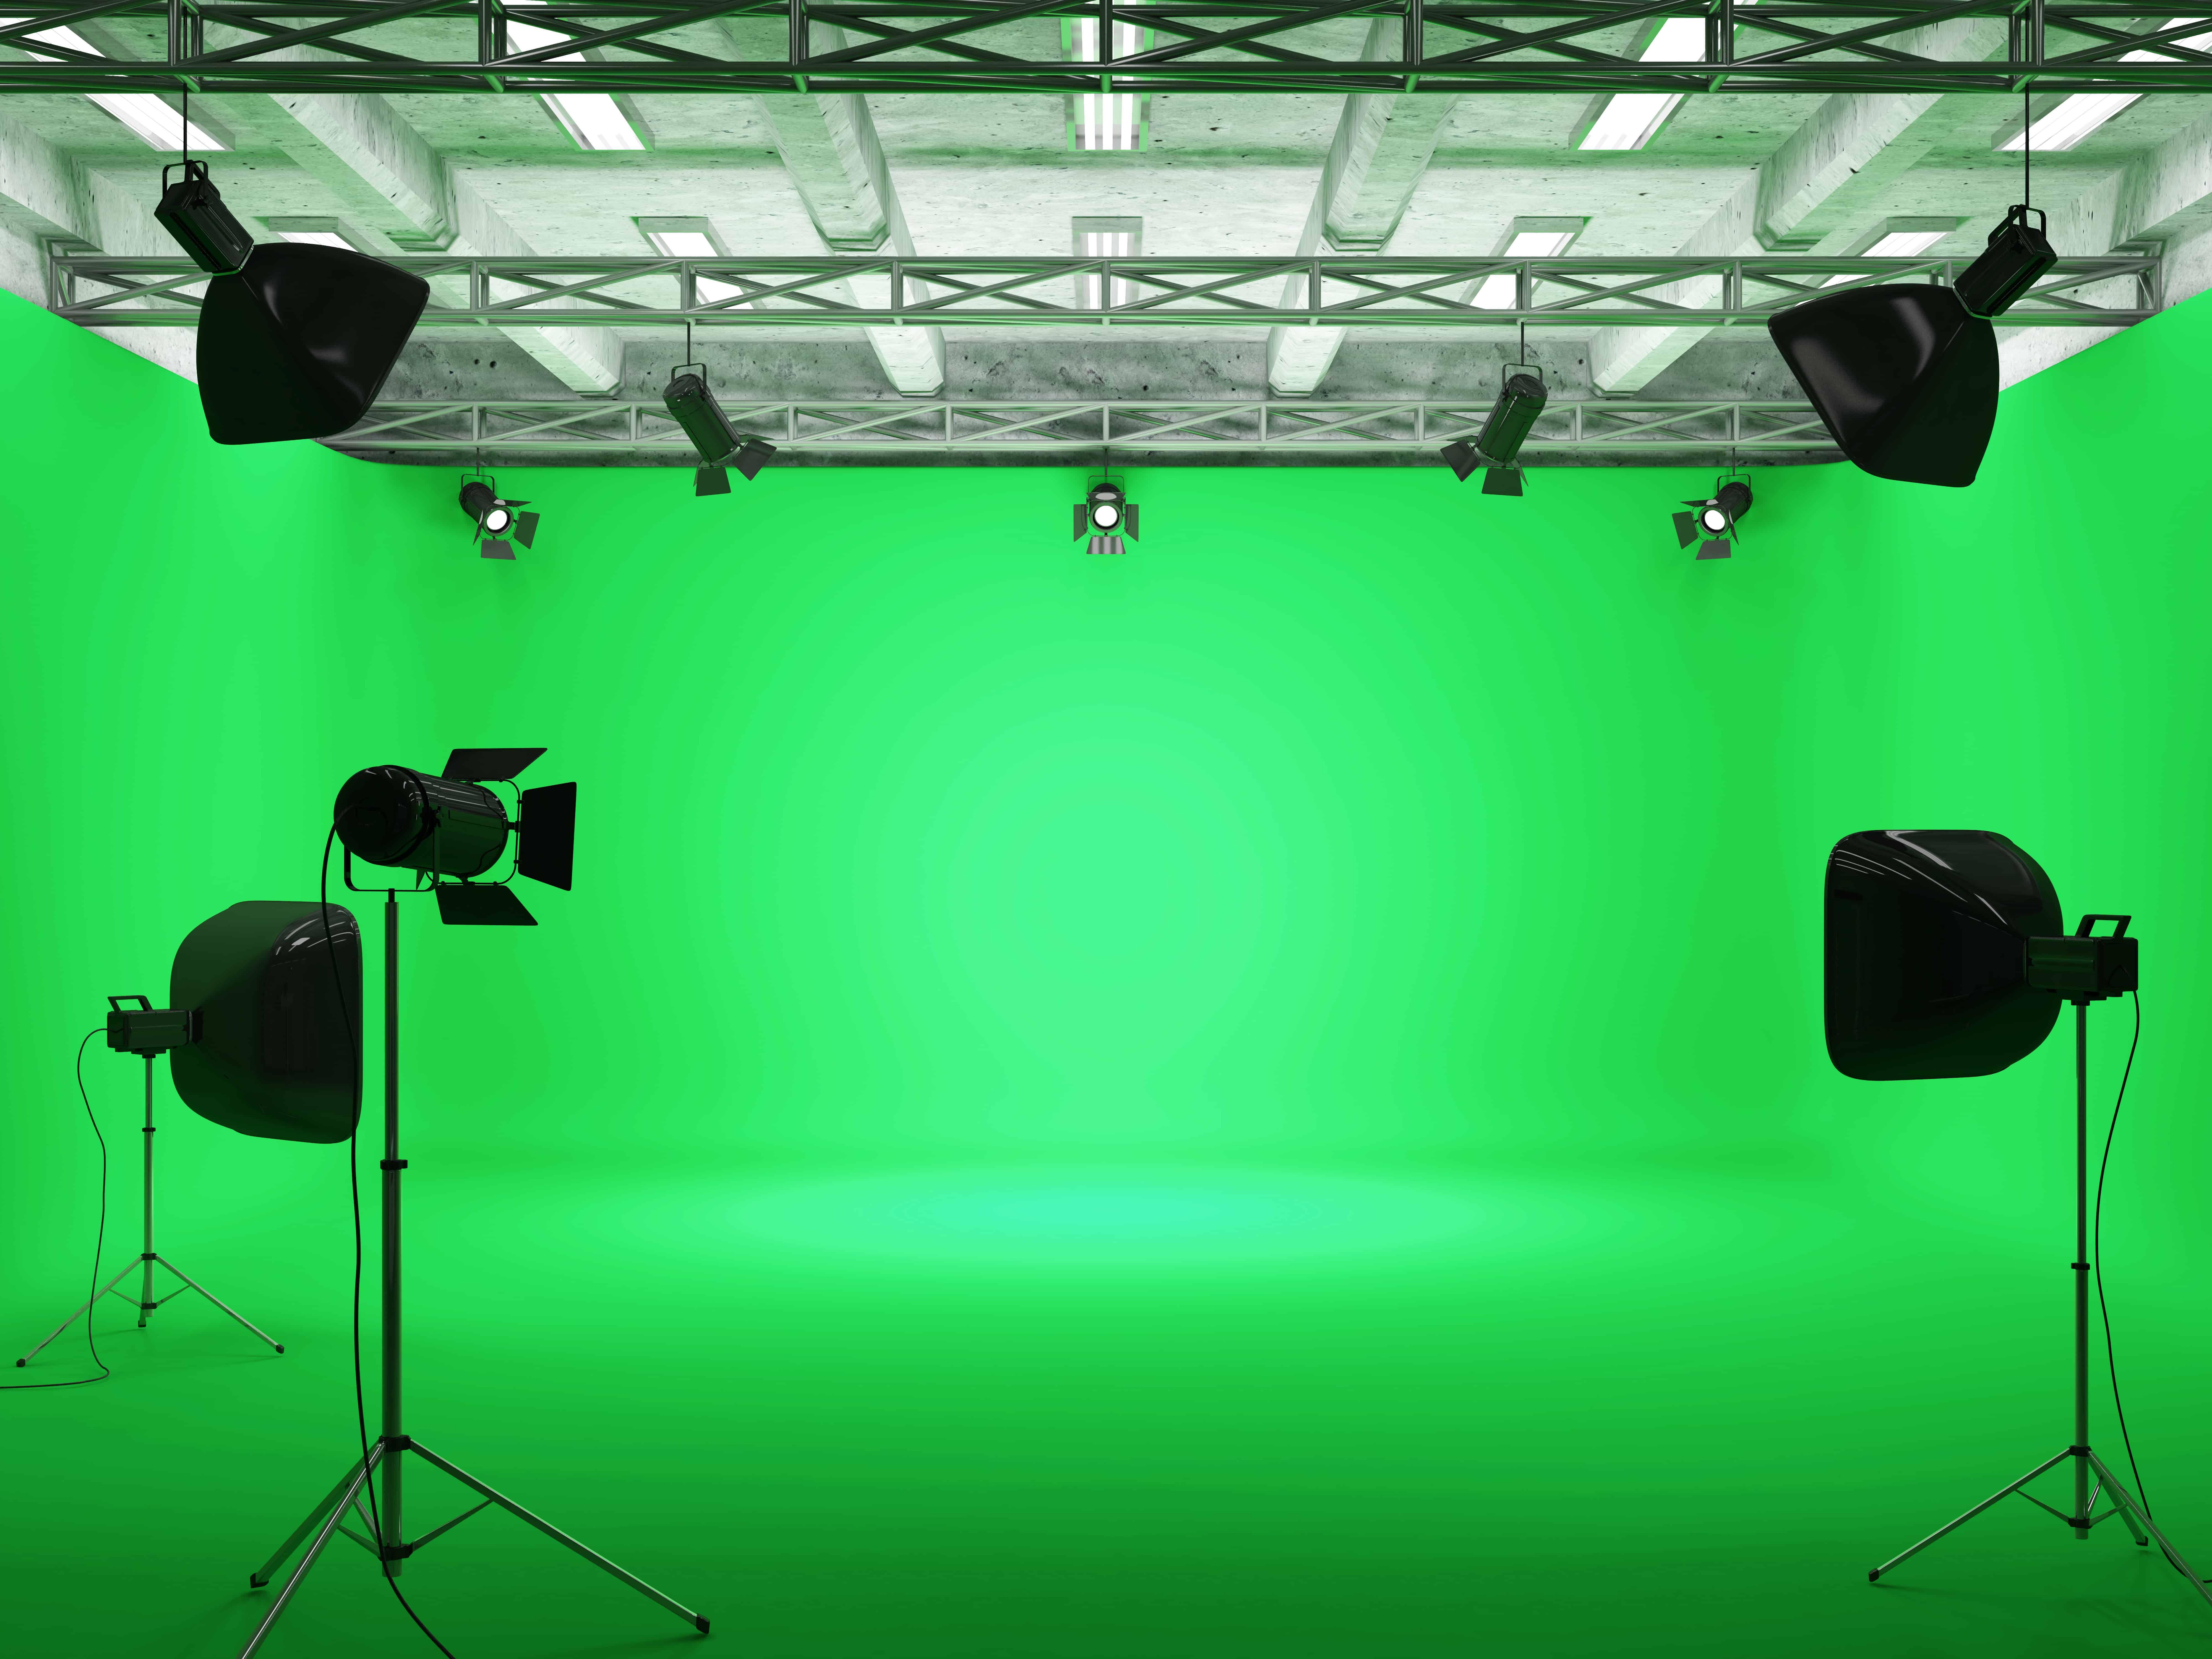 Una pantalla verde en un estudio